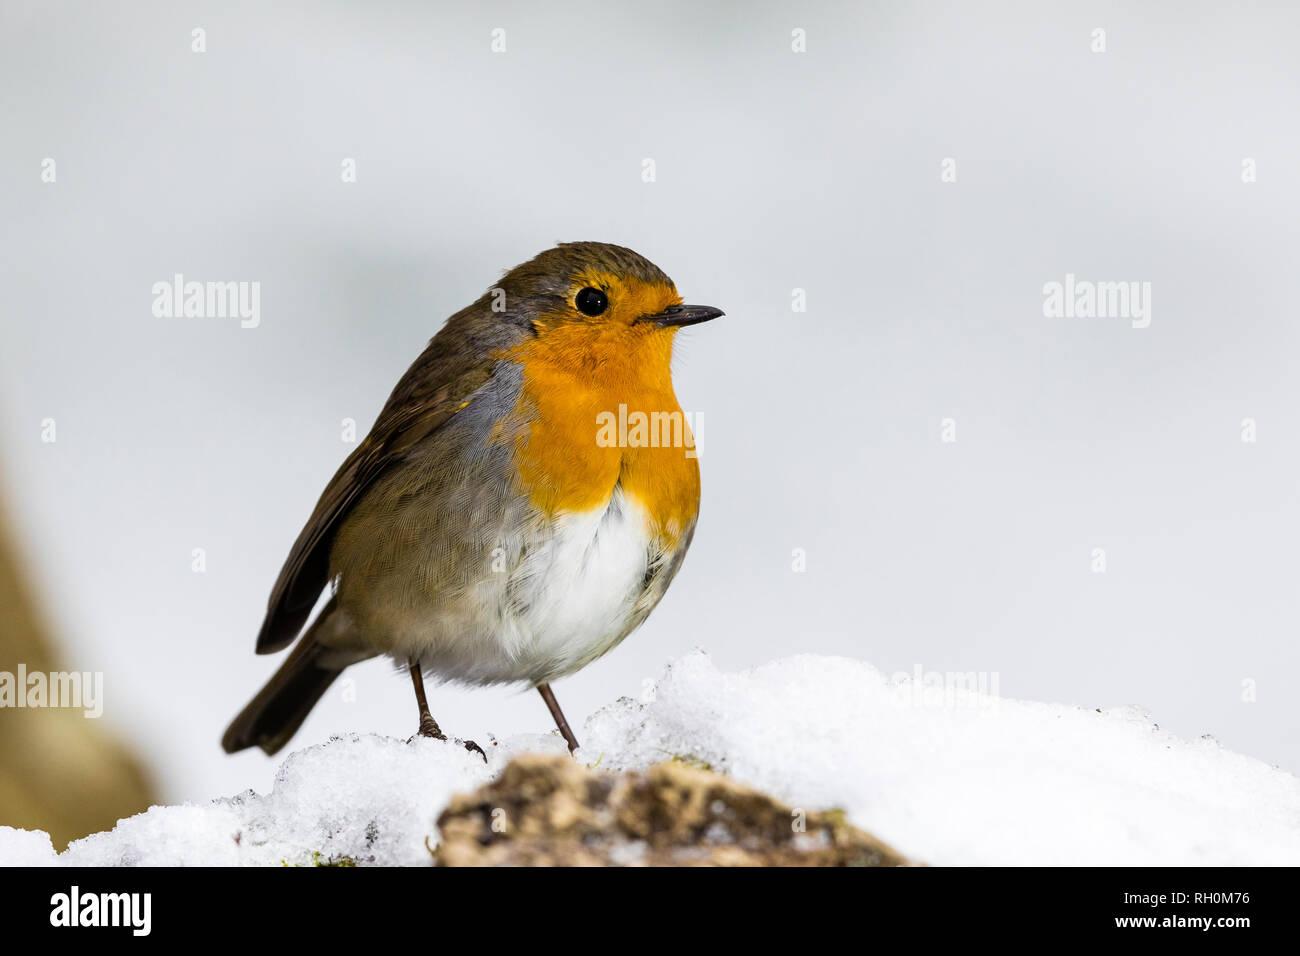 Blaenpennal, Aberystwyth, Pays de Galles, Royaume-Uni. 31 janvier 2019. Un merle est à la recherche de nourriture l'une de mes zones d'alimentation dans la neige fraîche au milieu du Pays de Galles. Credit: Phil Jones/Alamy Live News Photo Stock